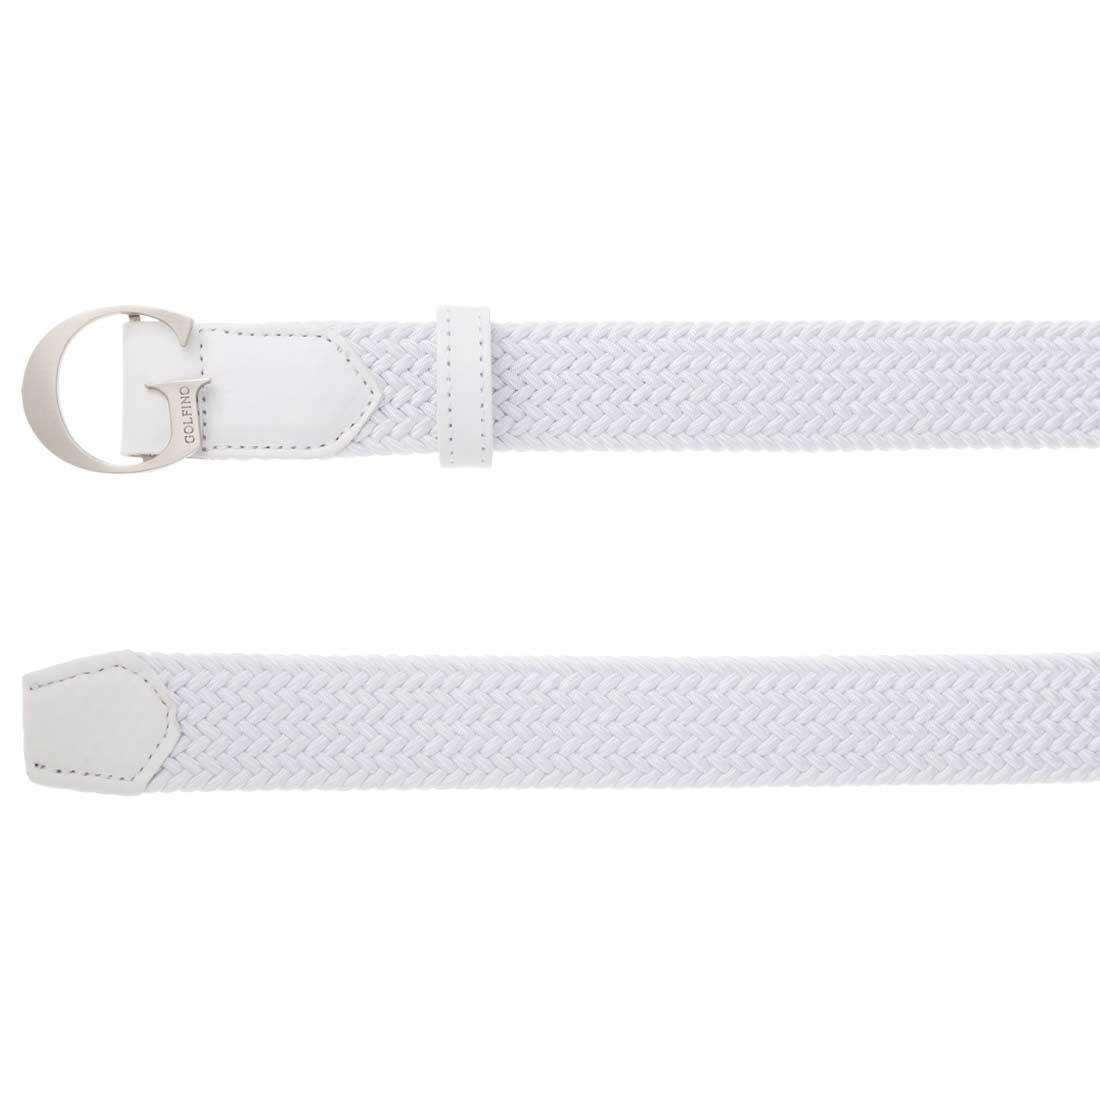 Damen Golf-Ledergürtel mit G-Schließe und elastischem Element